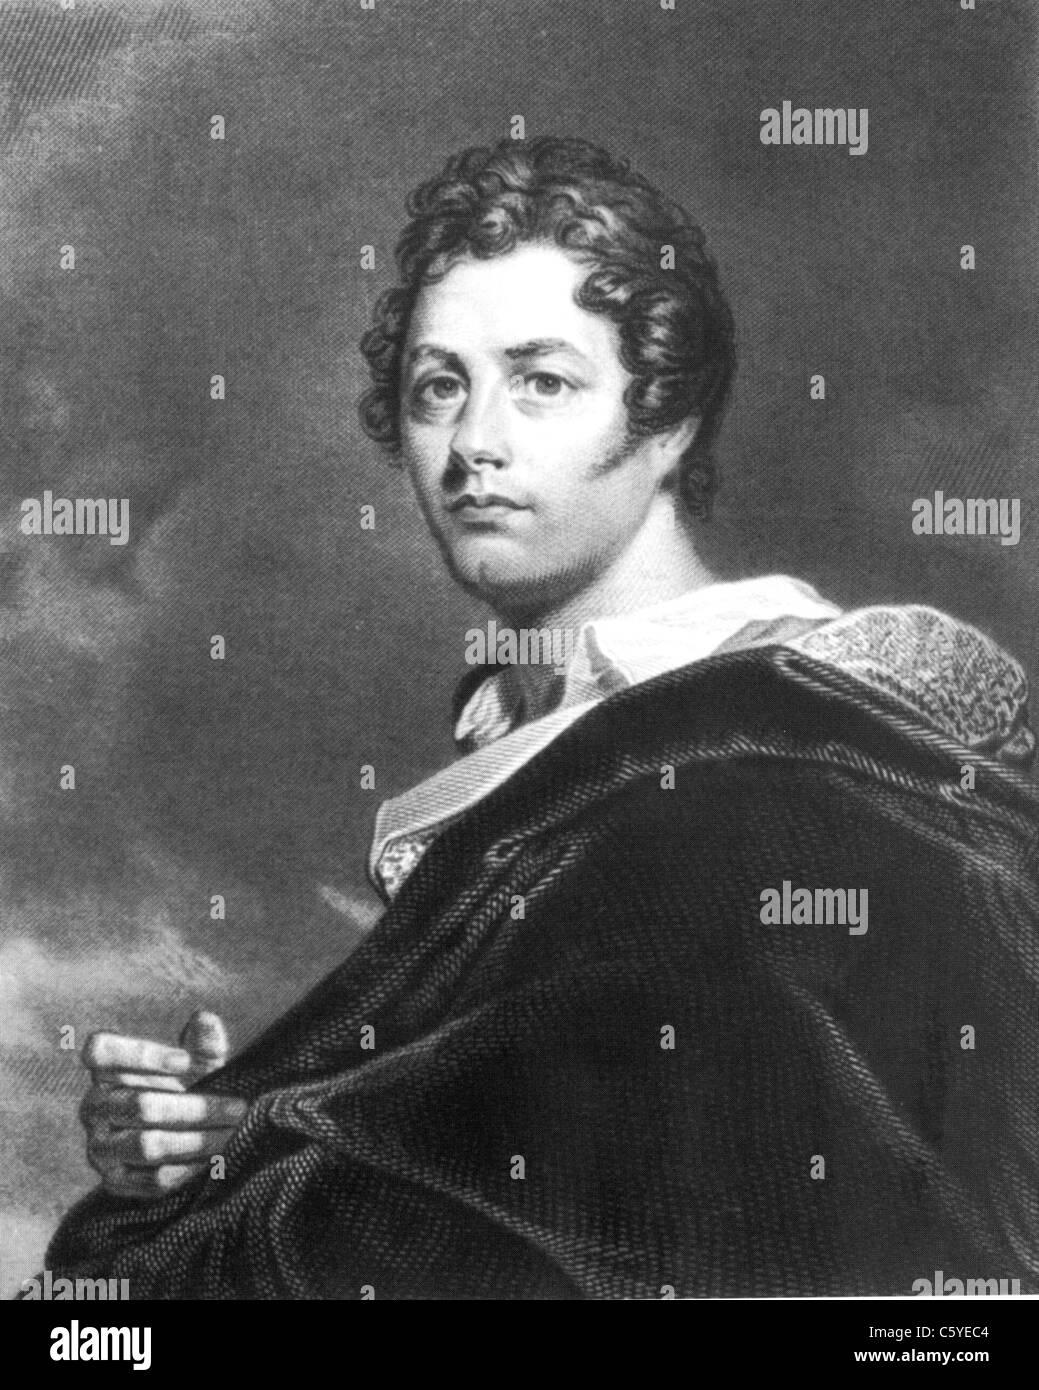 Britische Dichter LORD BYRON (1788-1824) im Jahre 1825 Stockbild